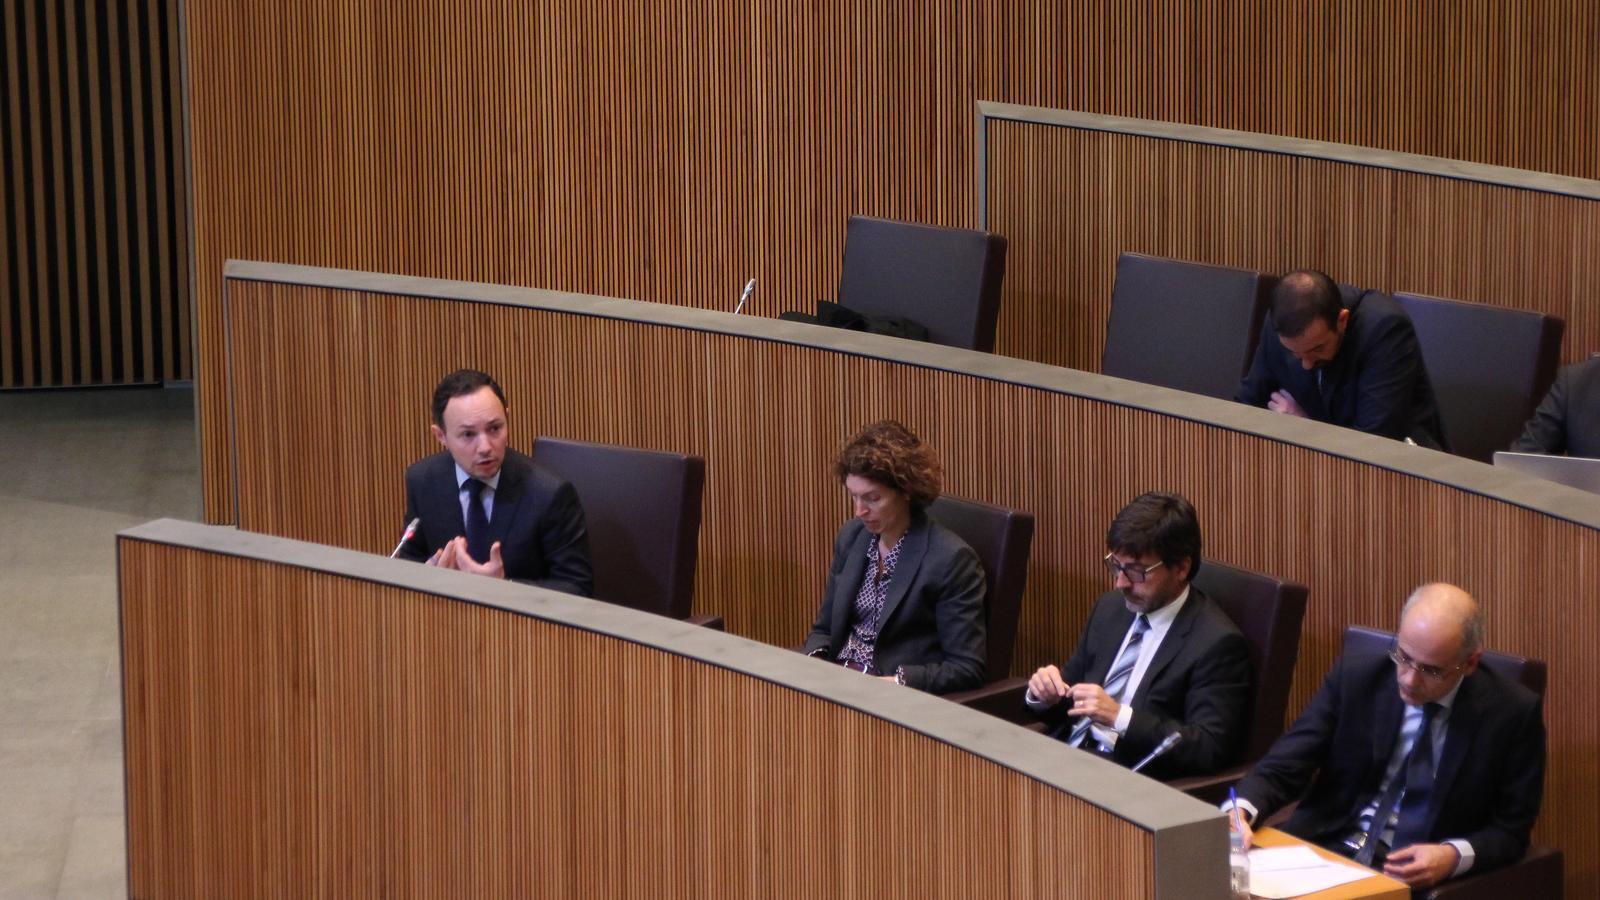 El ministre Xavier Espot, durant la seva intervenció. / M.T. (ANA)